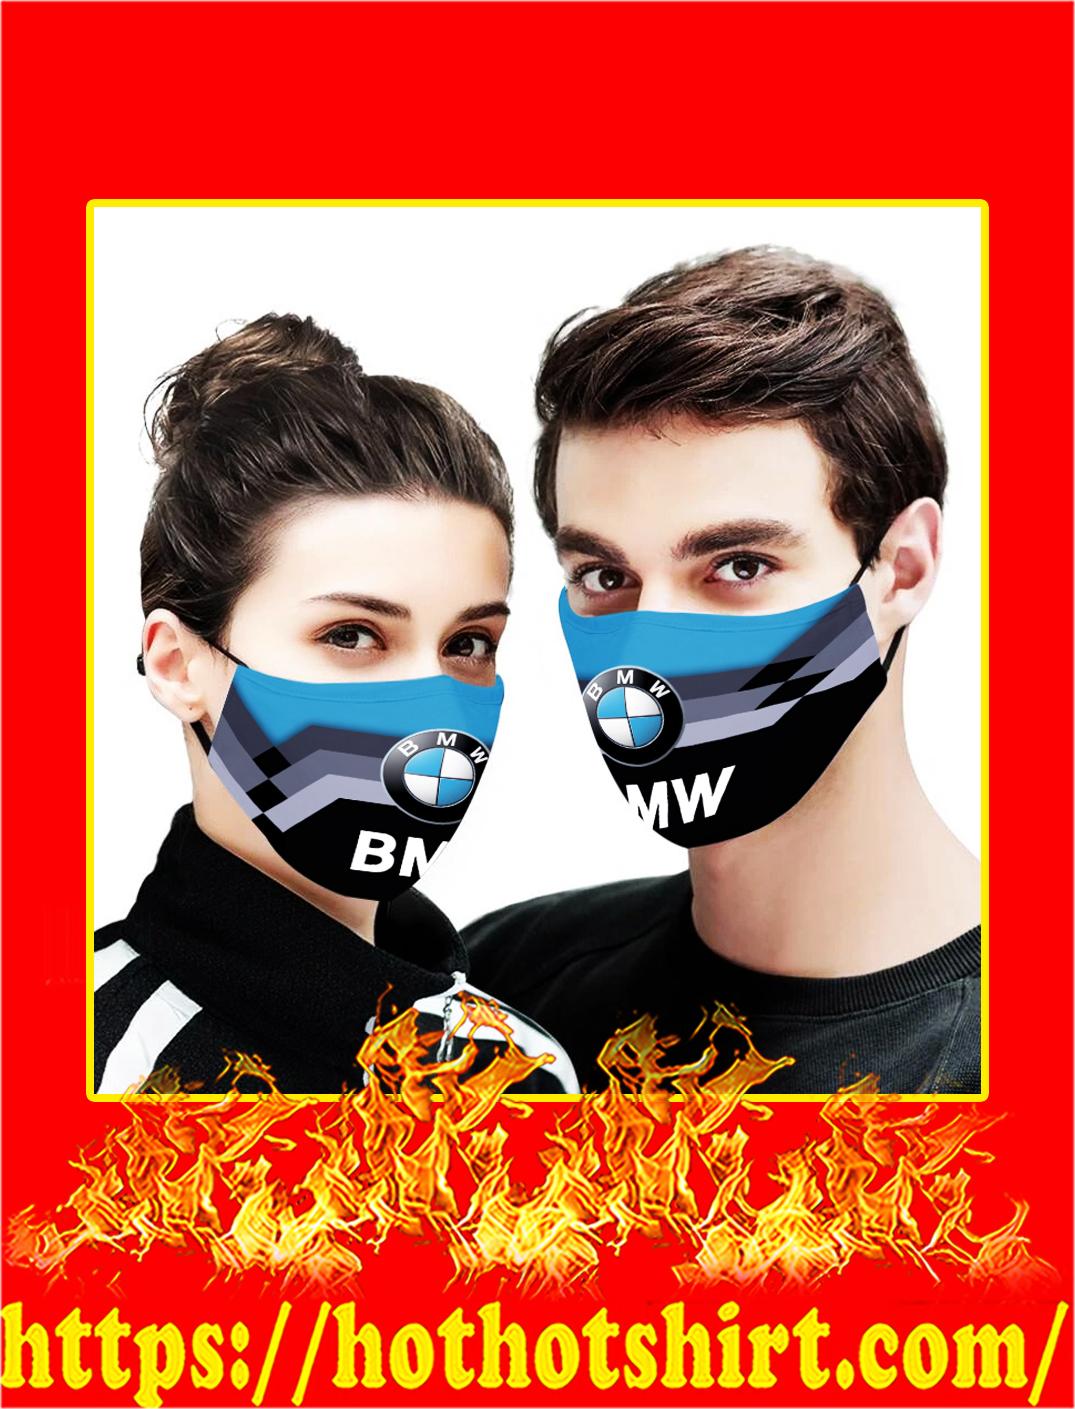 BMW cloth mask